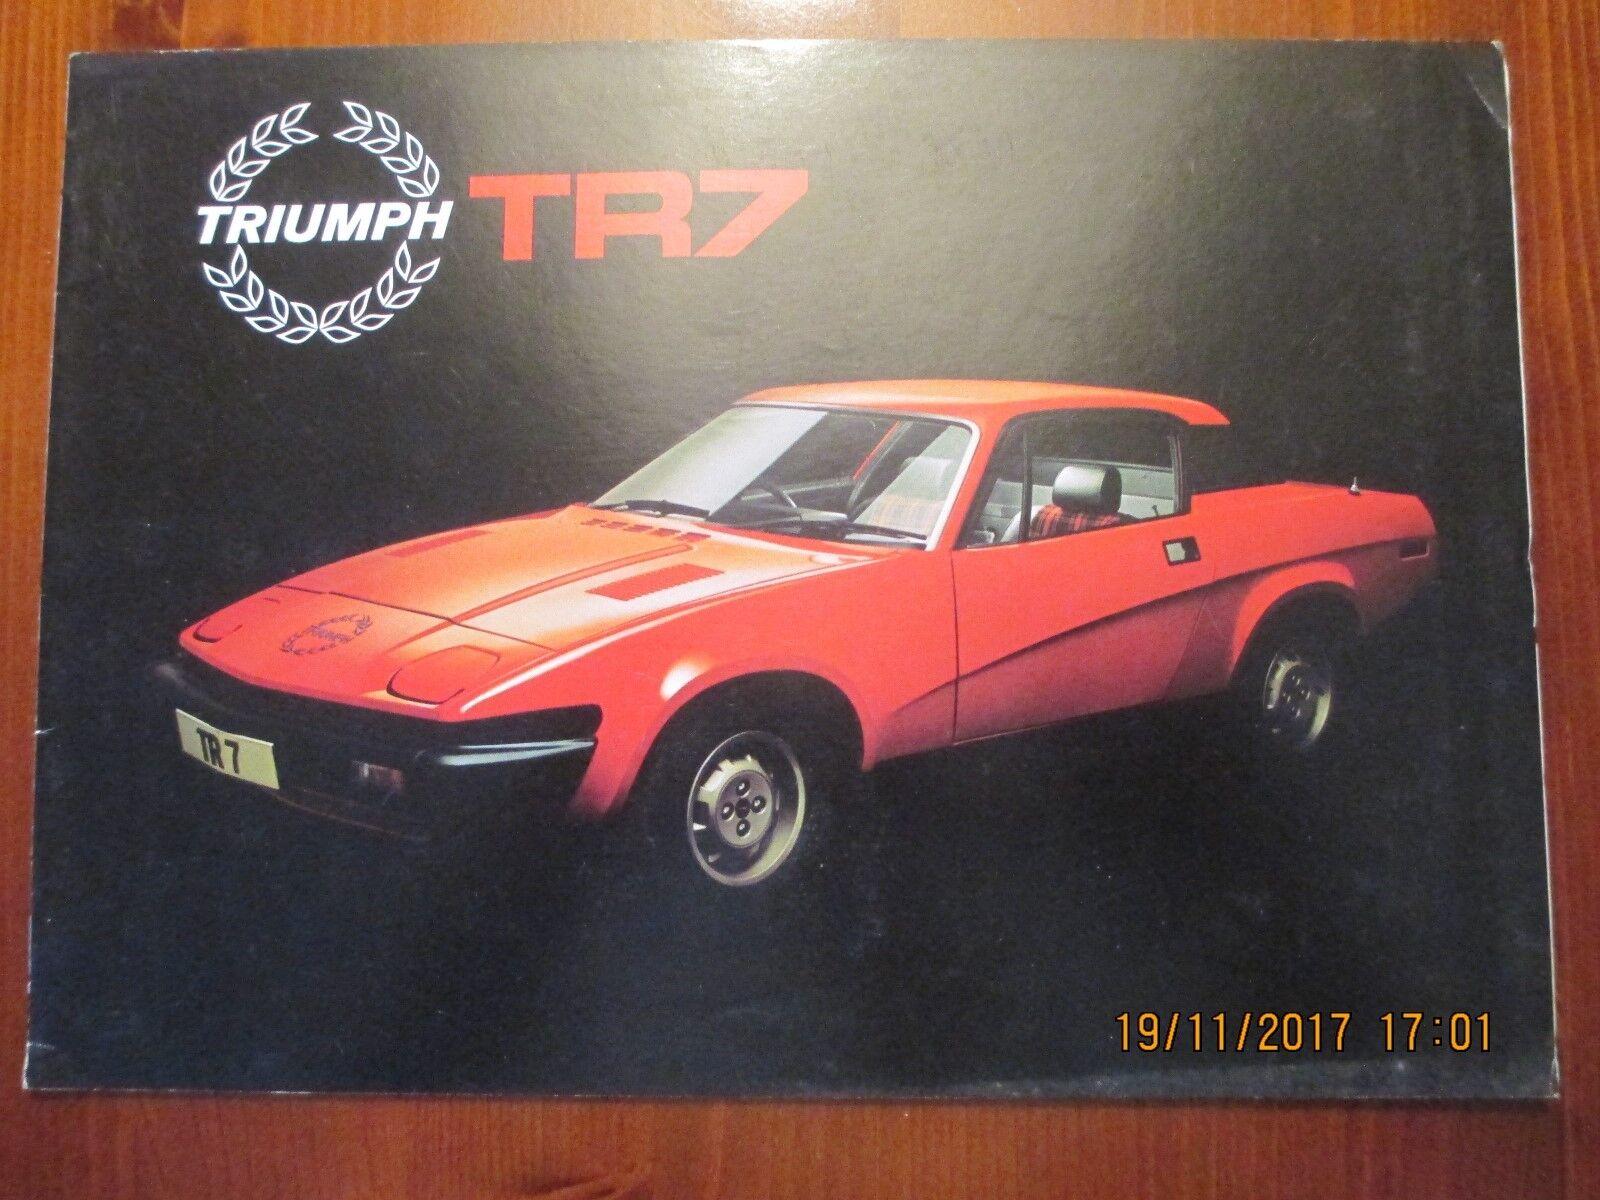 Triumph Tr7 Coupe 1978 Uk Market Sales Brochure 3256c For Sale